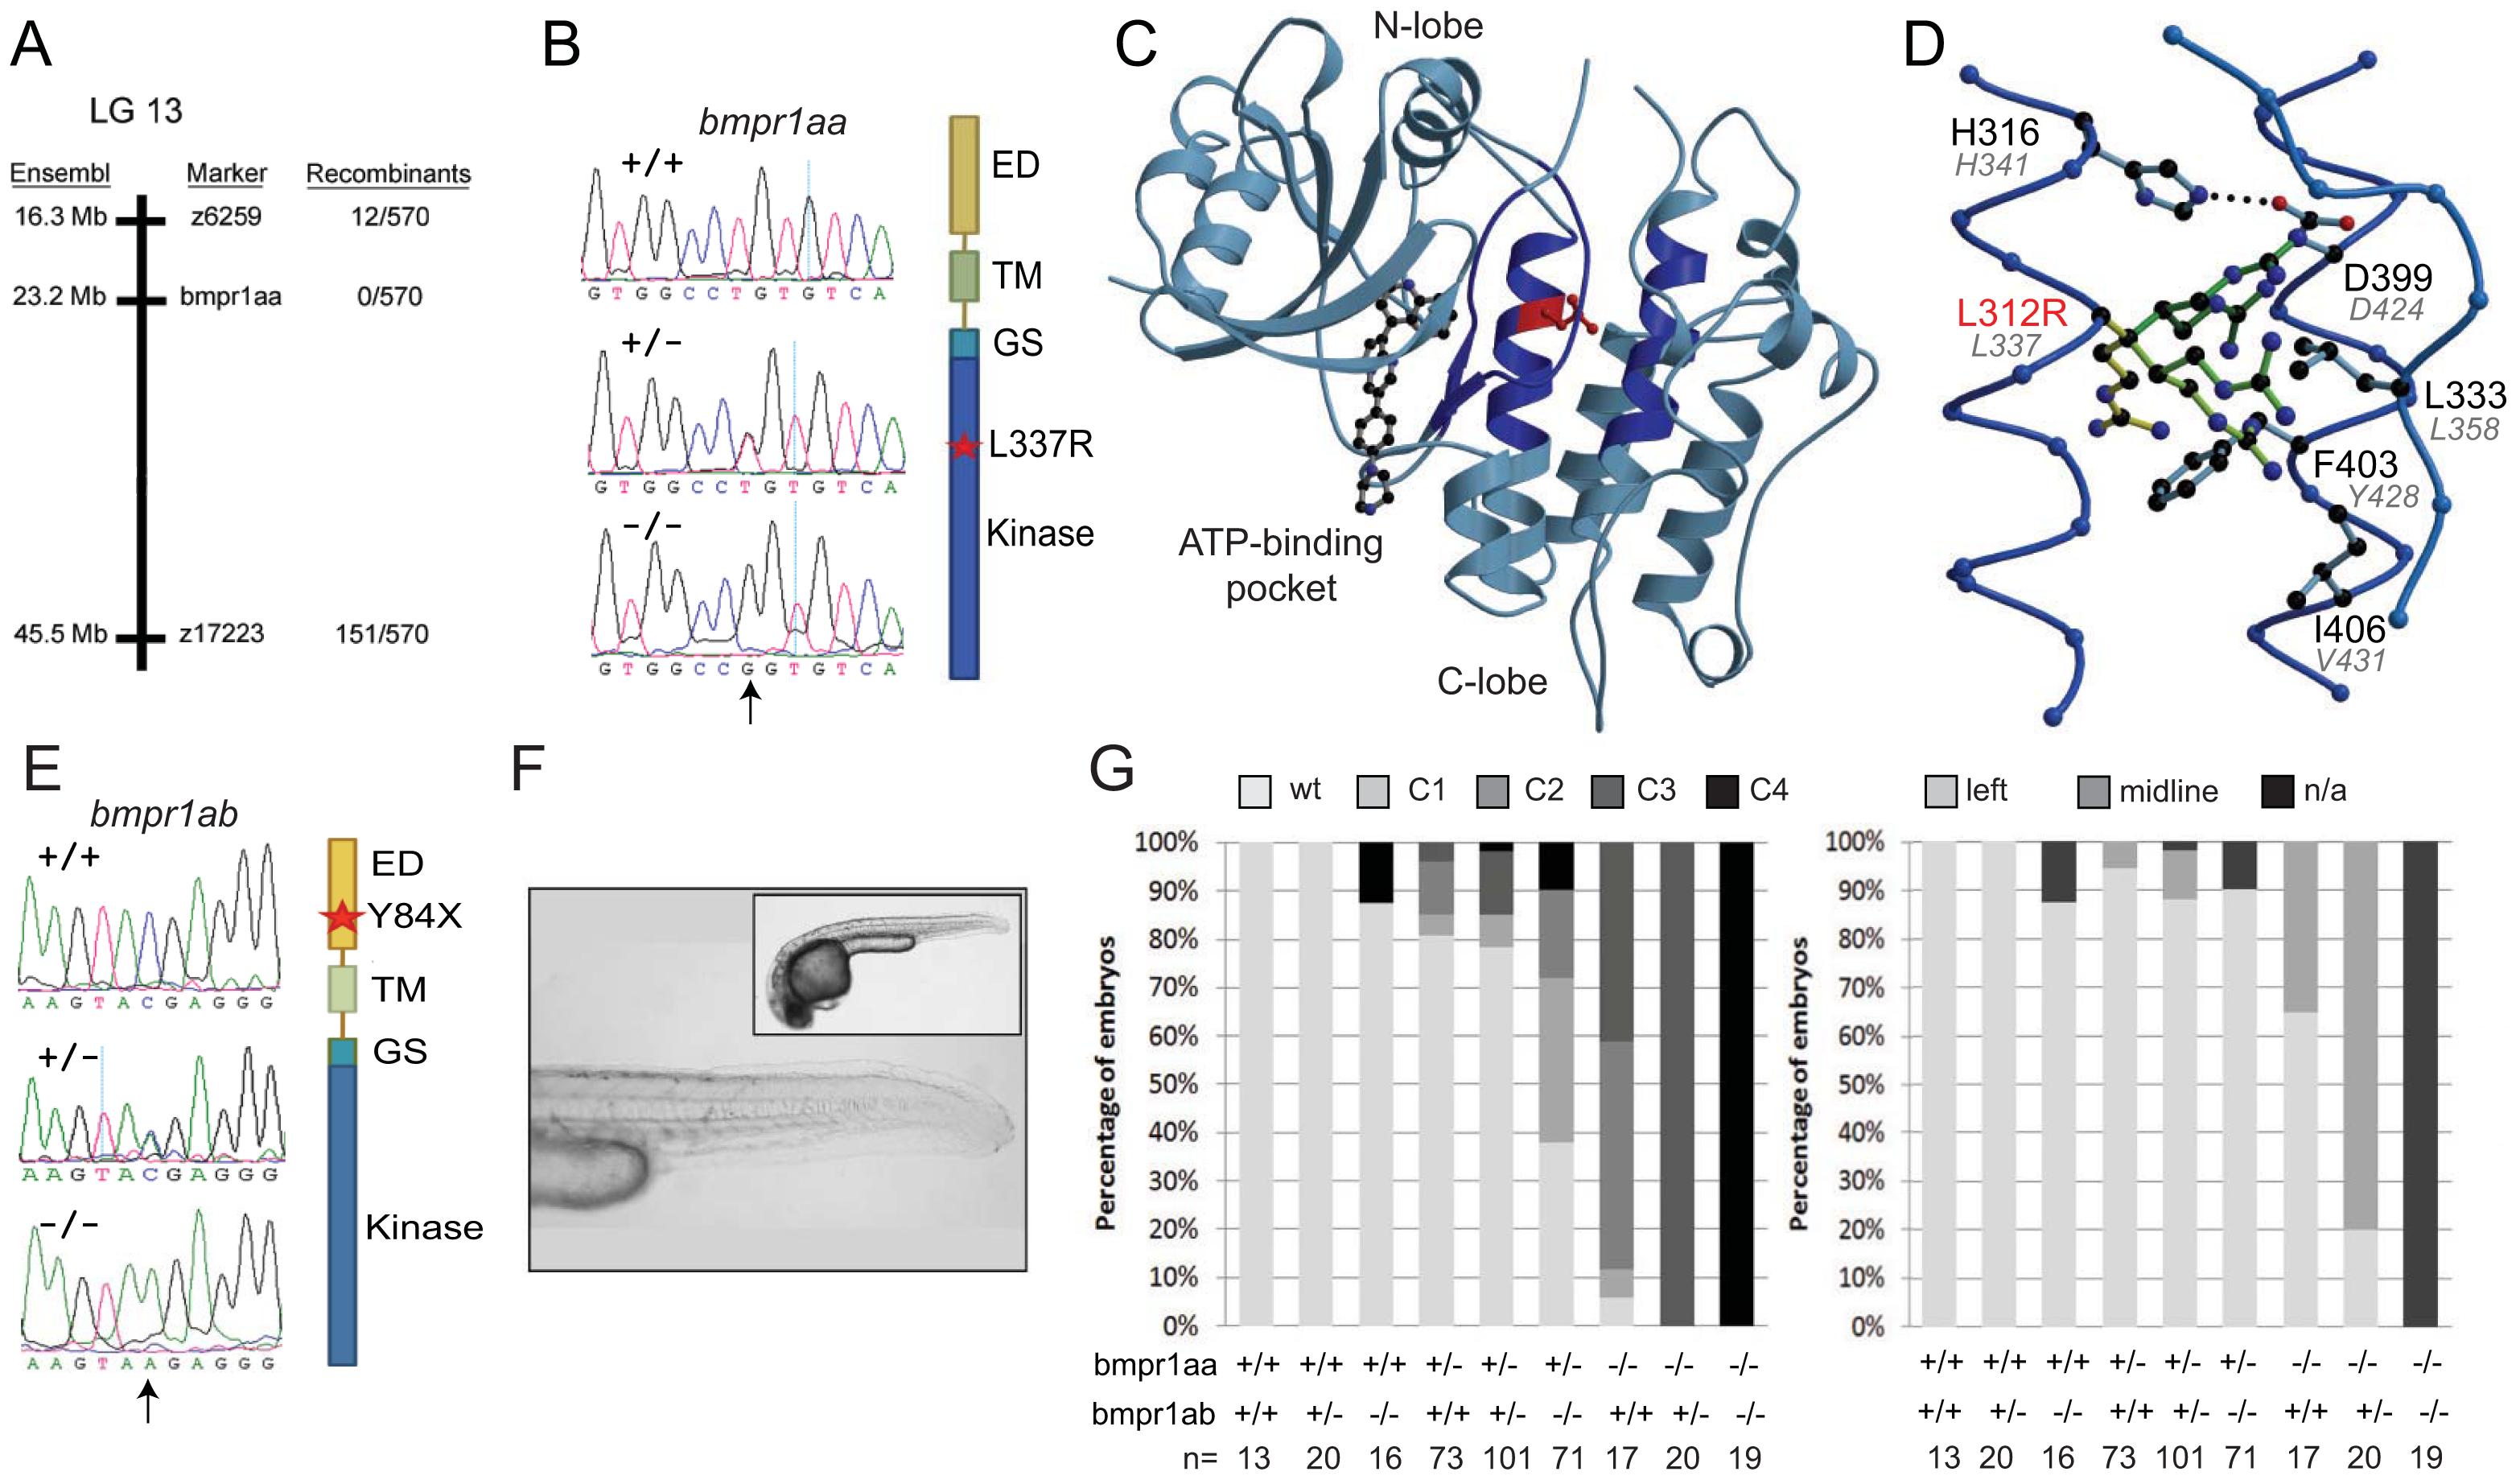 Genetic variations found in zebrafish <i>bmpr1aa</i> and <i>bmpr1ab</i> genes.